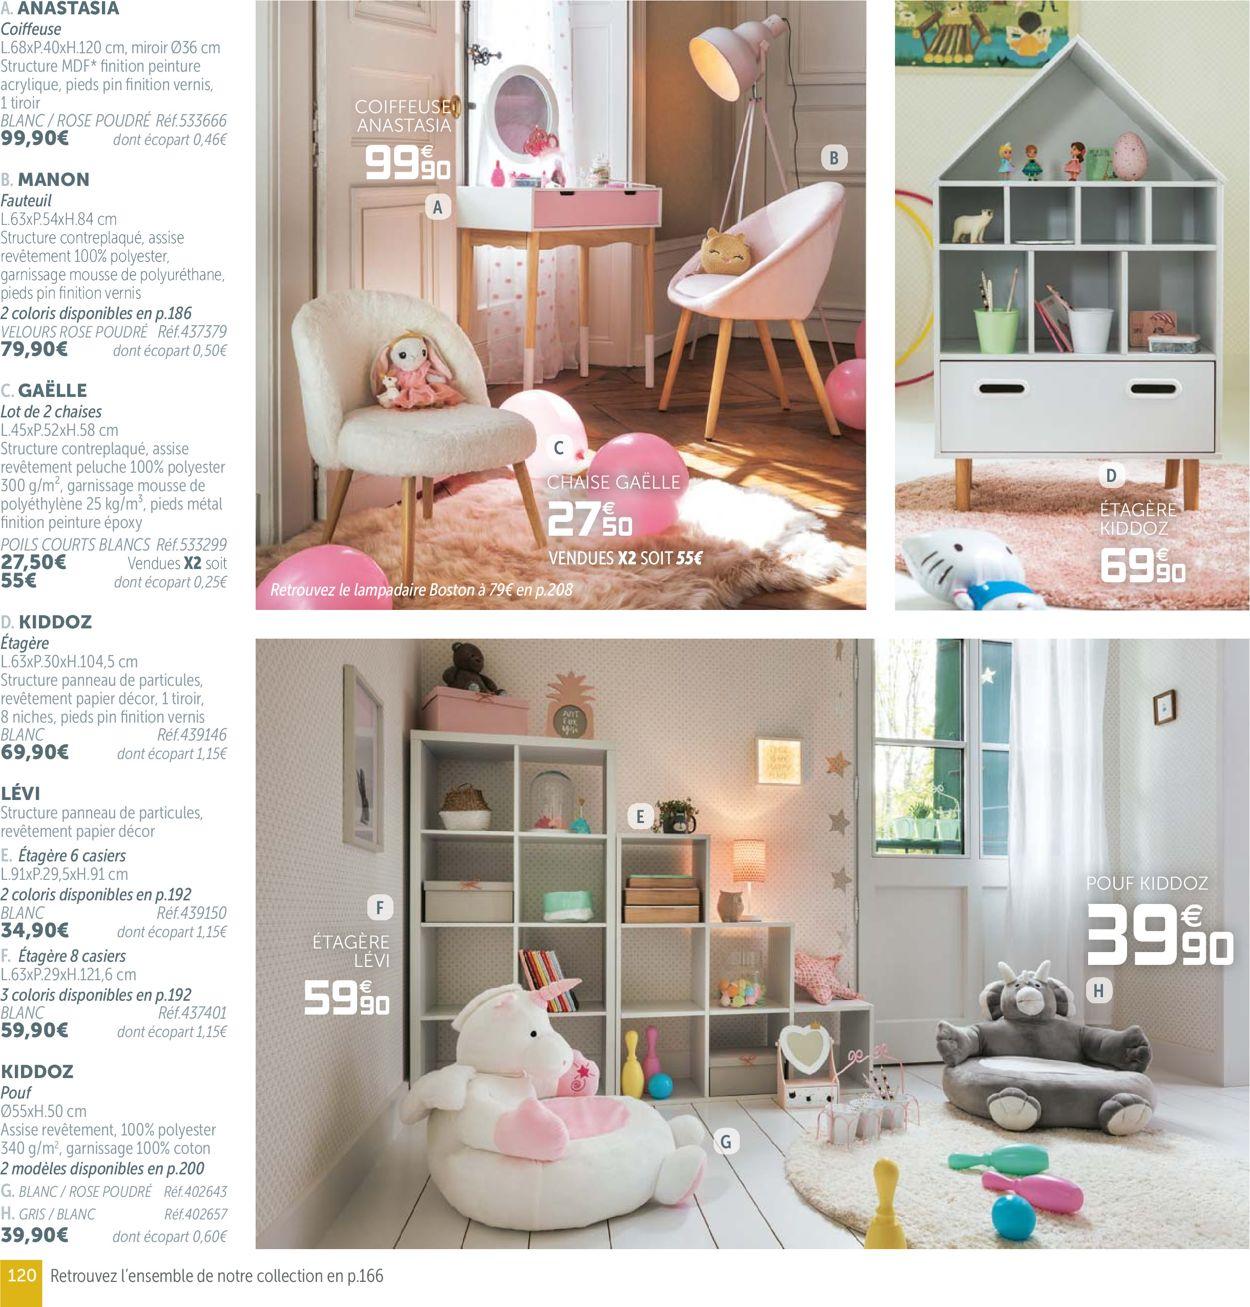 Gifi Catalogue Actuel 19.08 - 31.07.2020 [120] - Catalogue ... dedans Fauteuil Rose Gifi